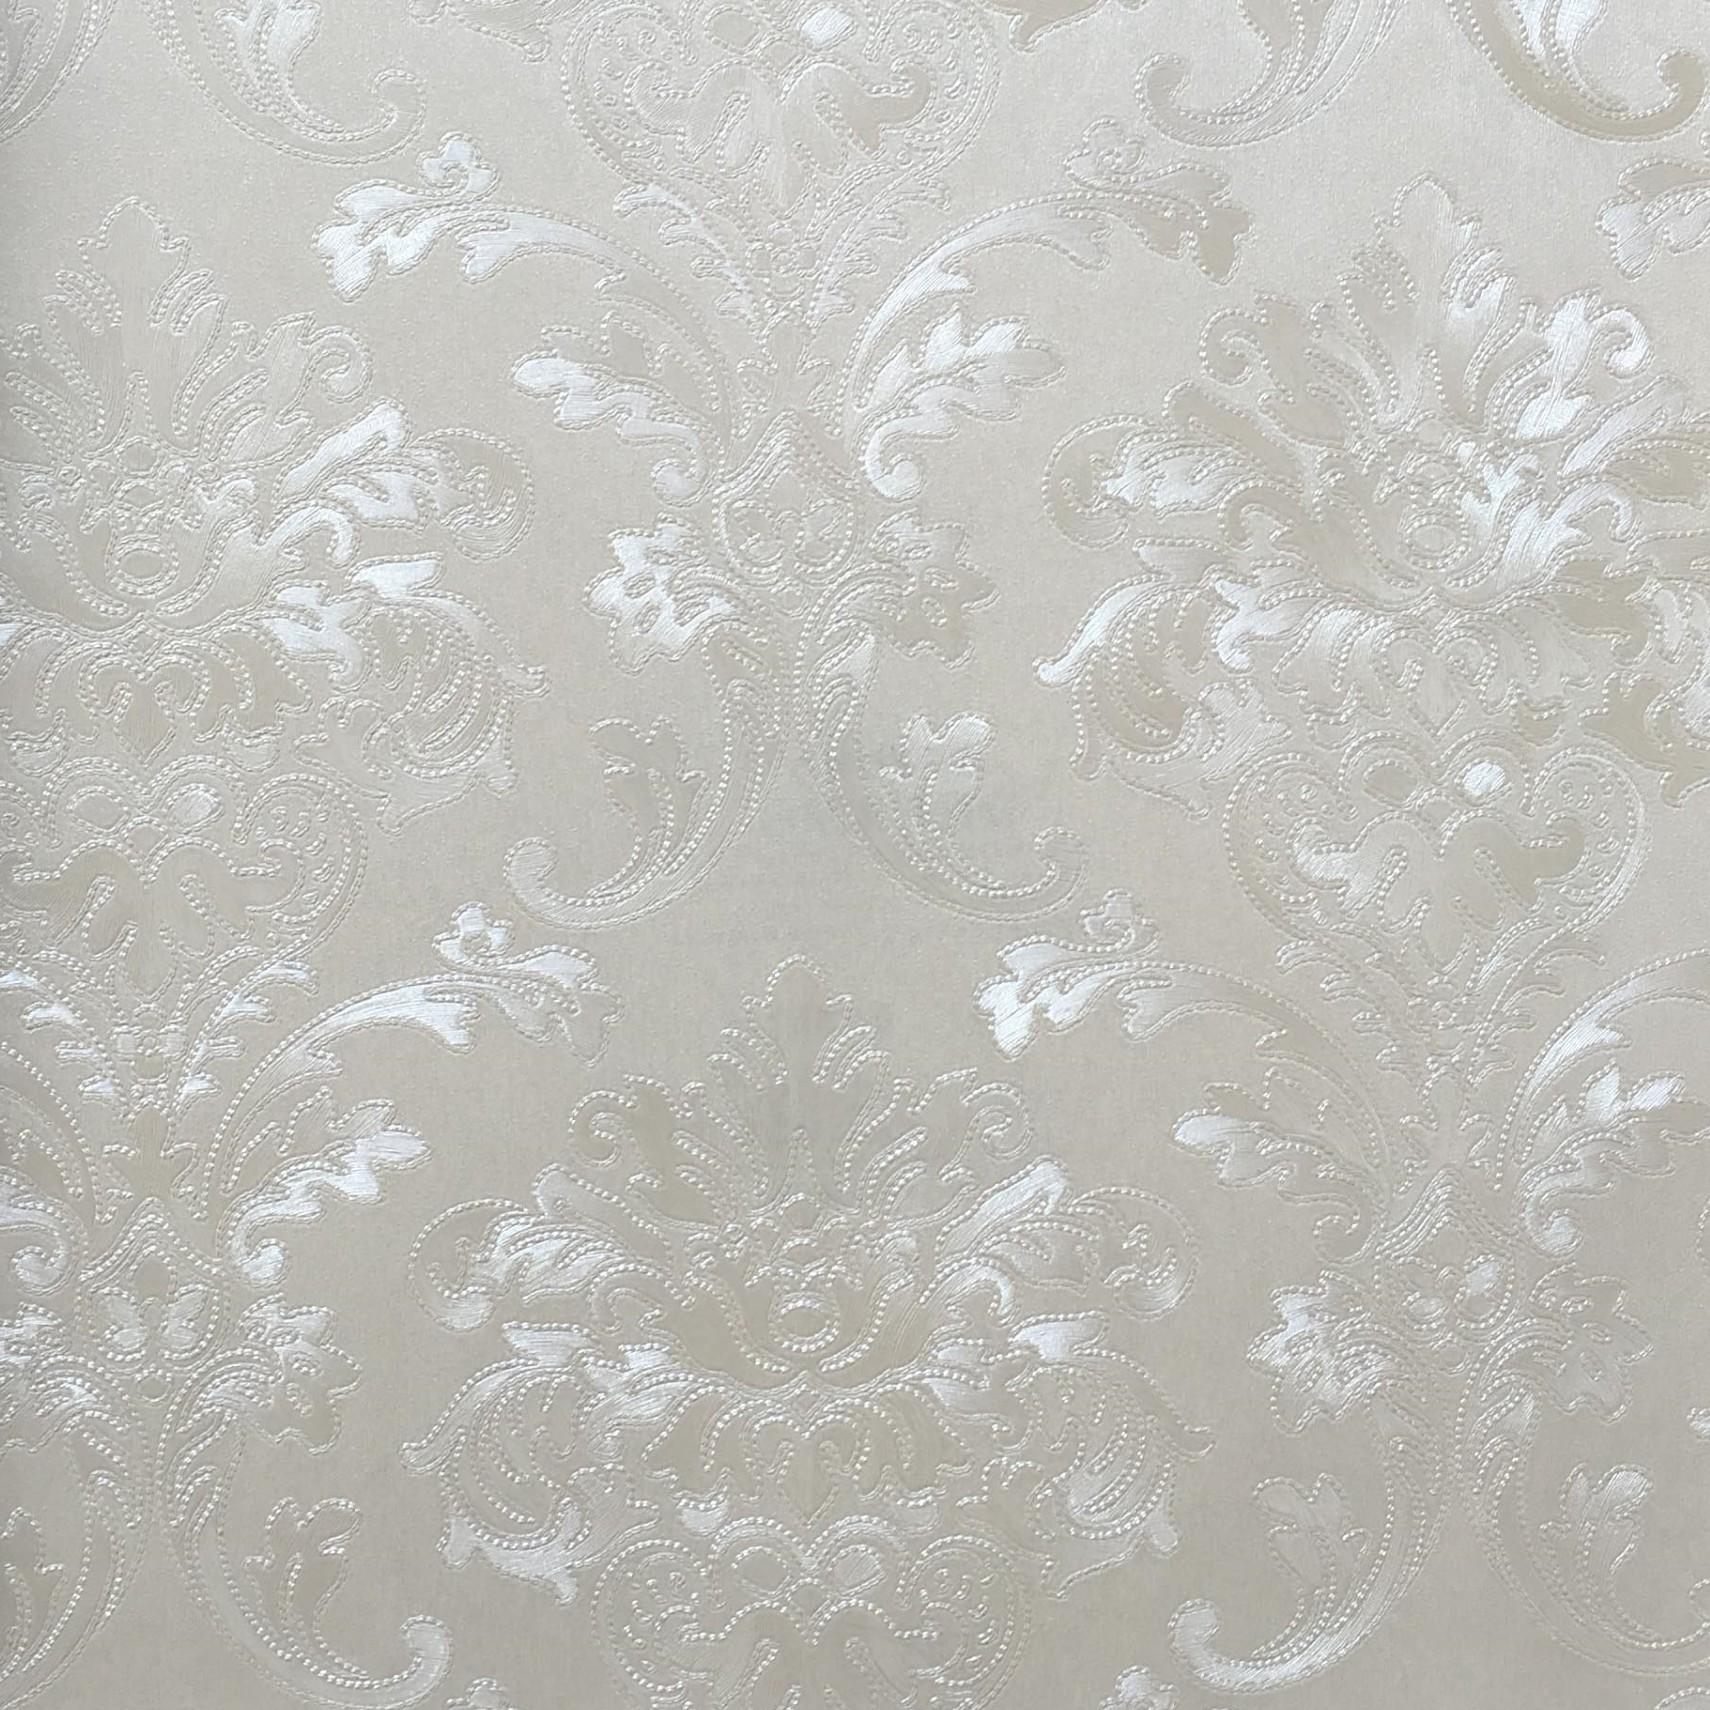 Papel de Parede Vinilico Texturizado Arabesco 55036 - Jolie